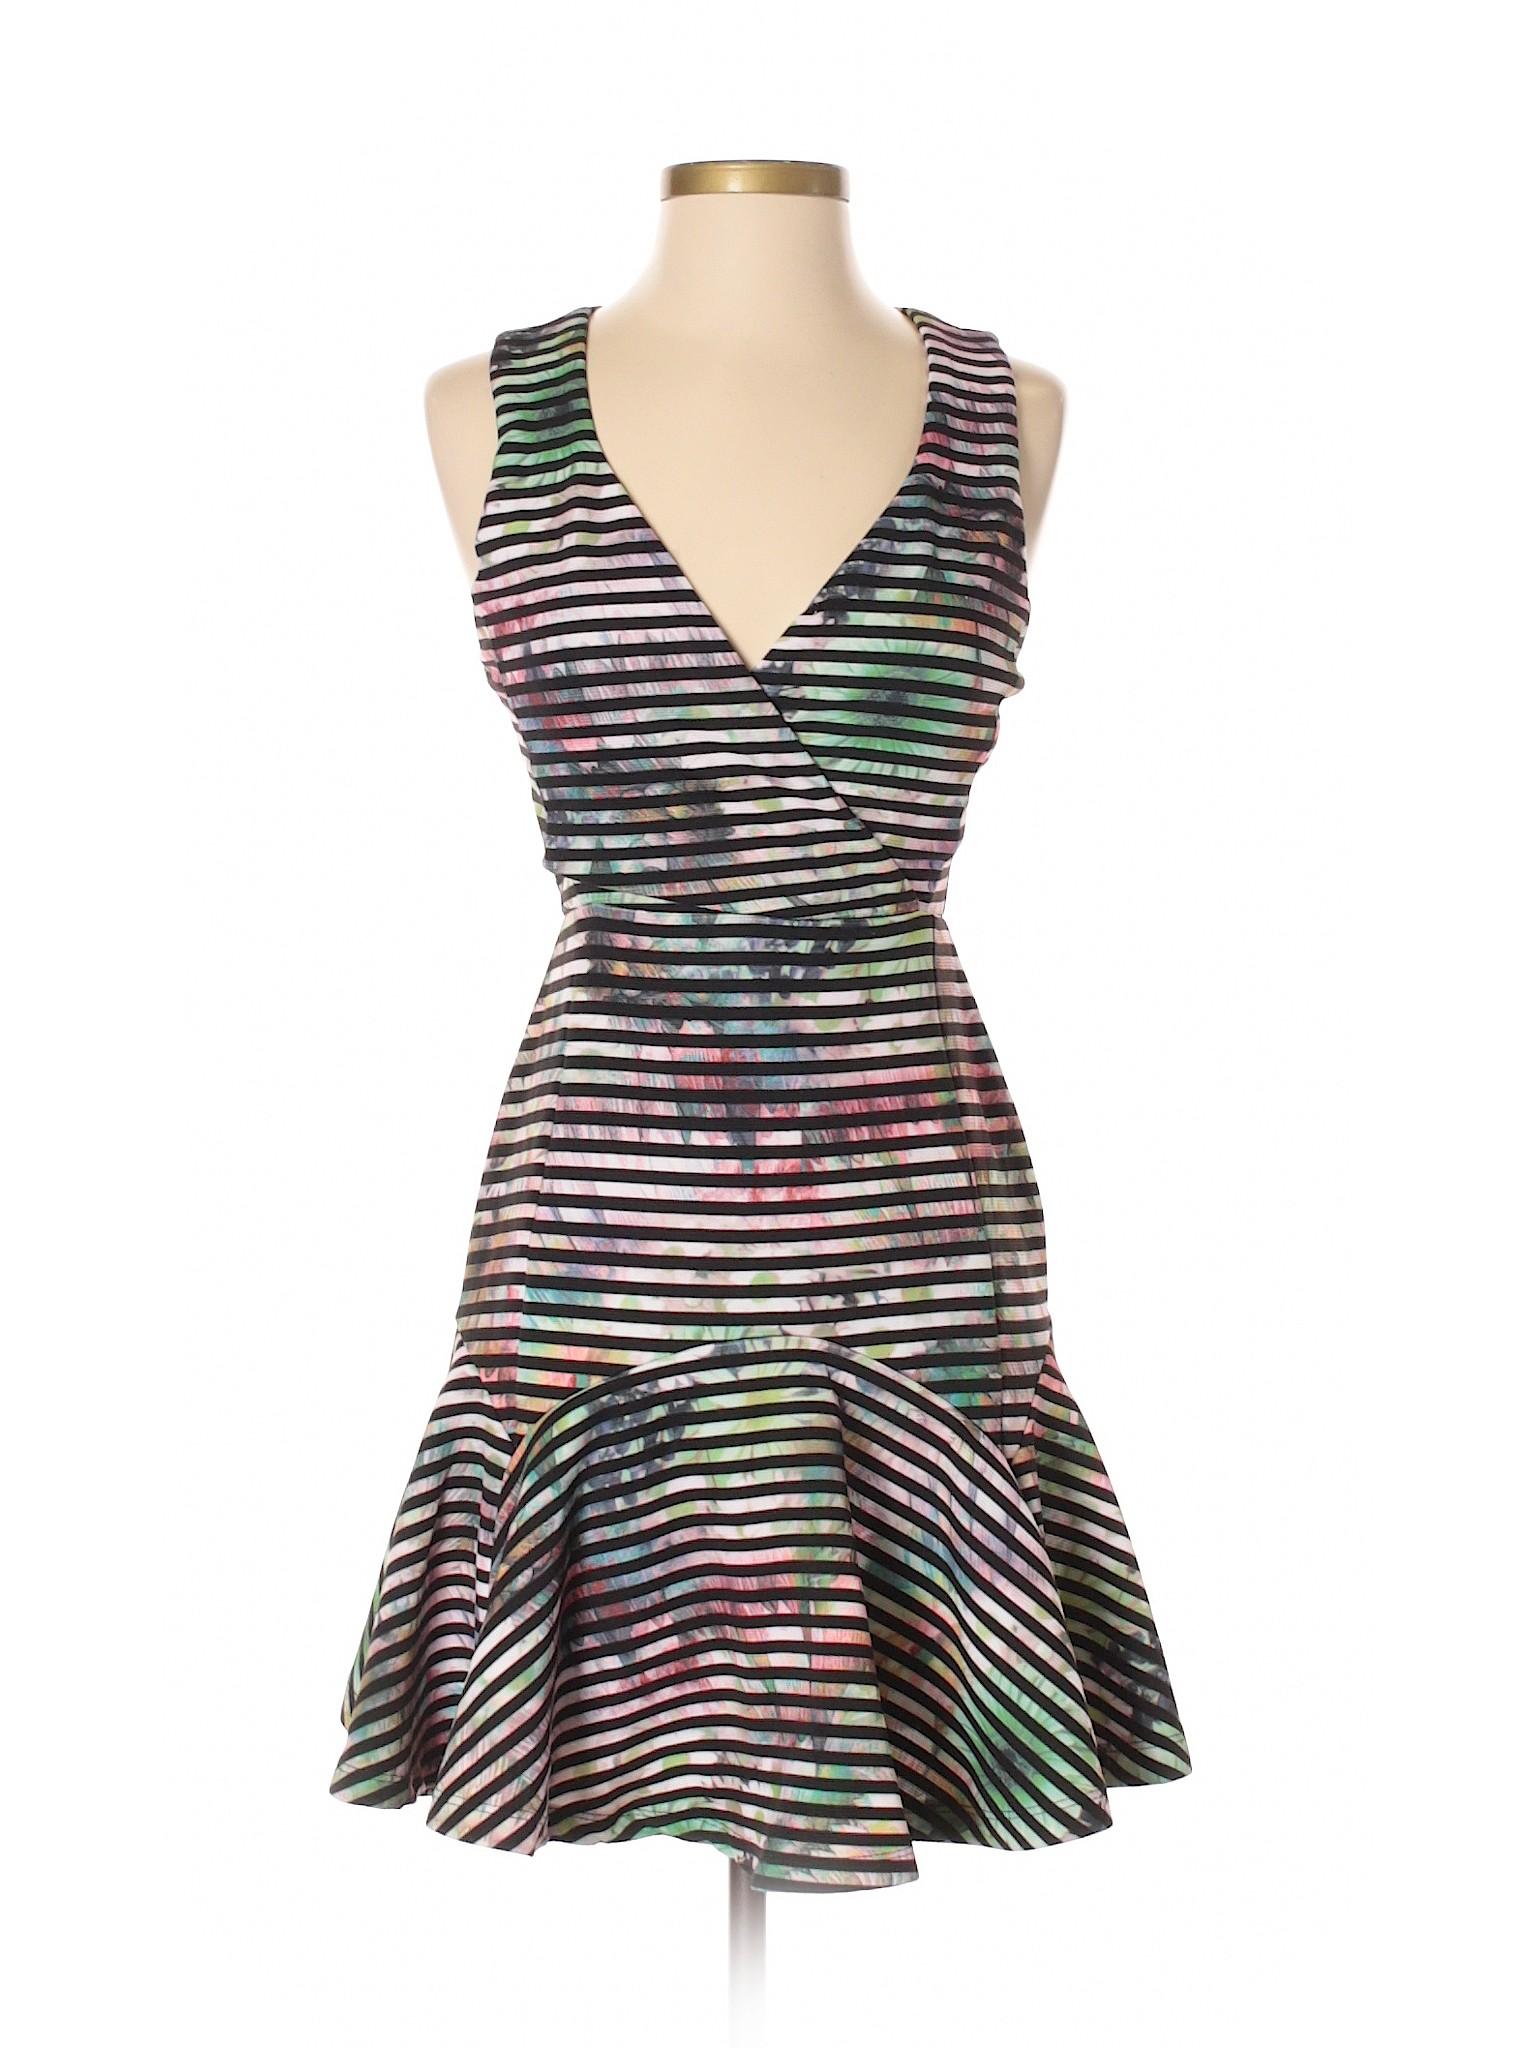 Selling Casual Aqua Selling Casual Aqua Dress Dress rnqpr6Fw